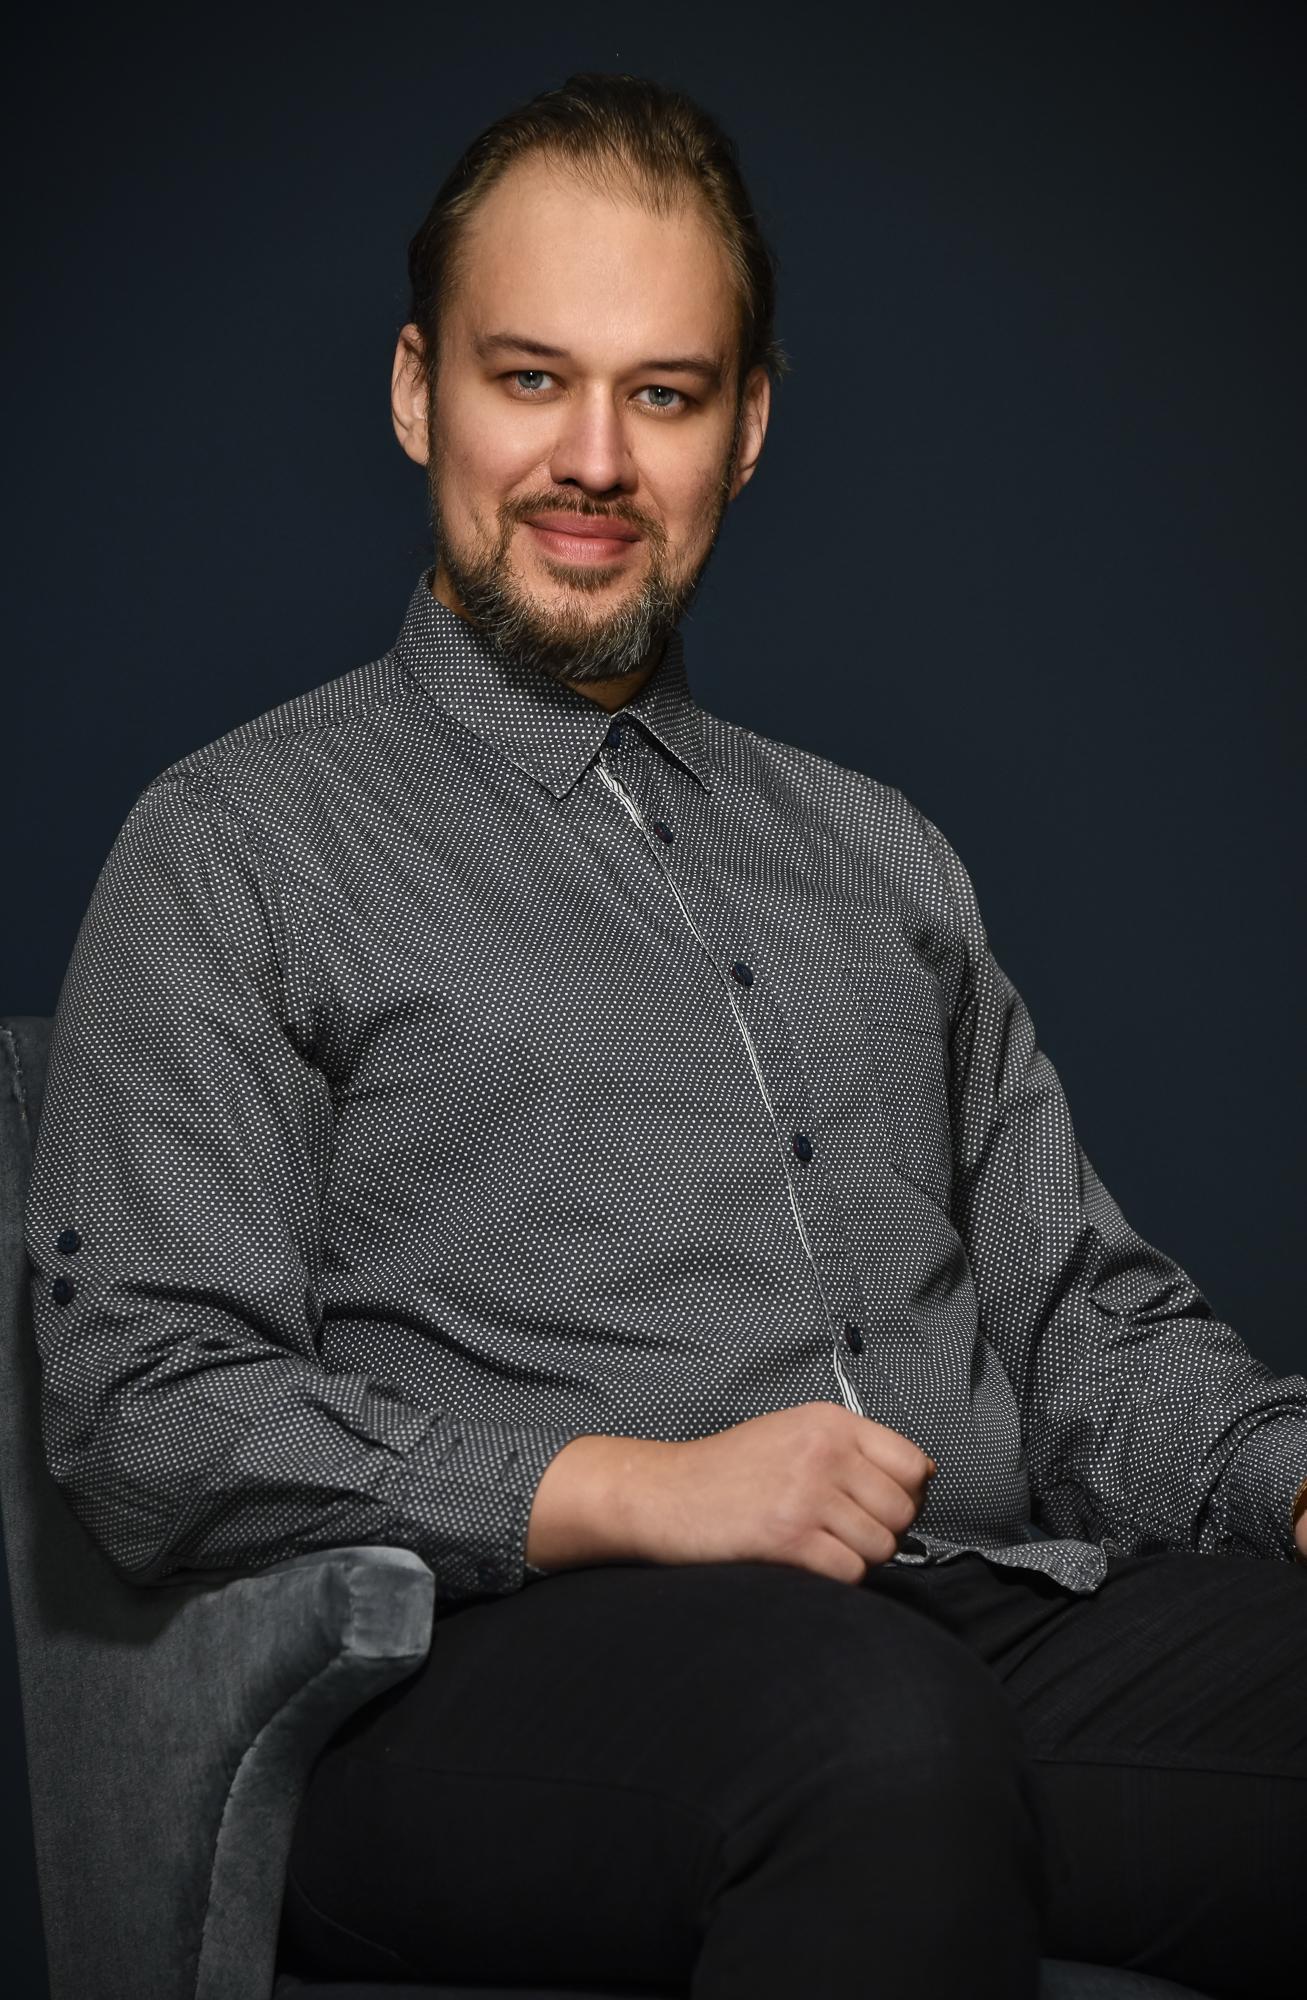 Petr Karas